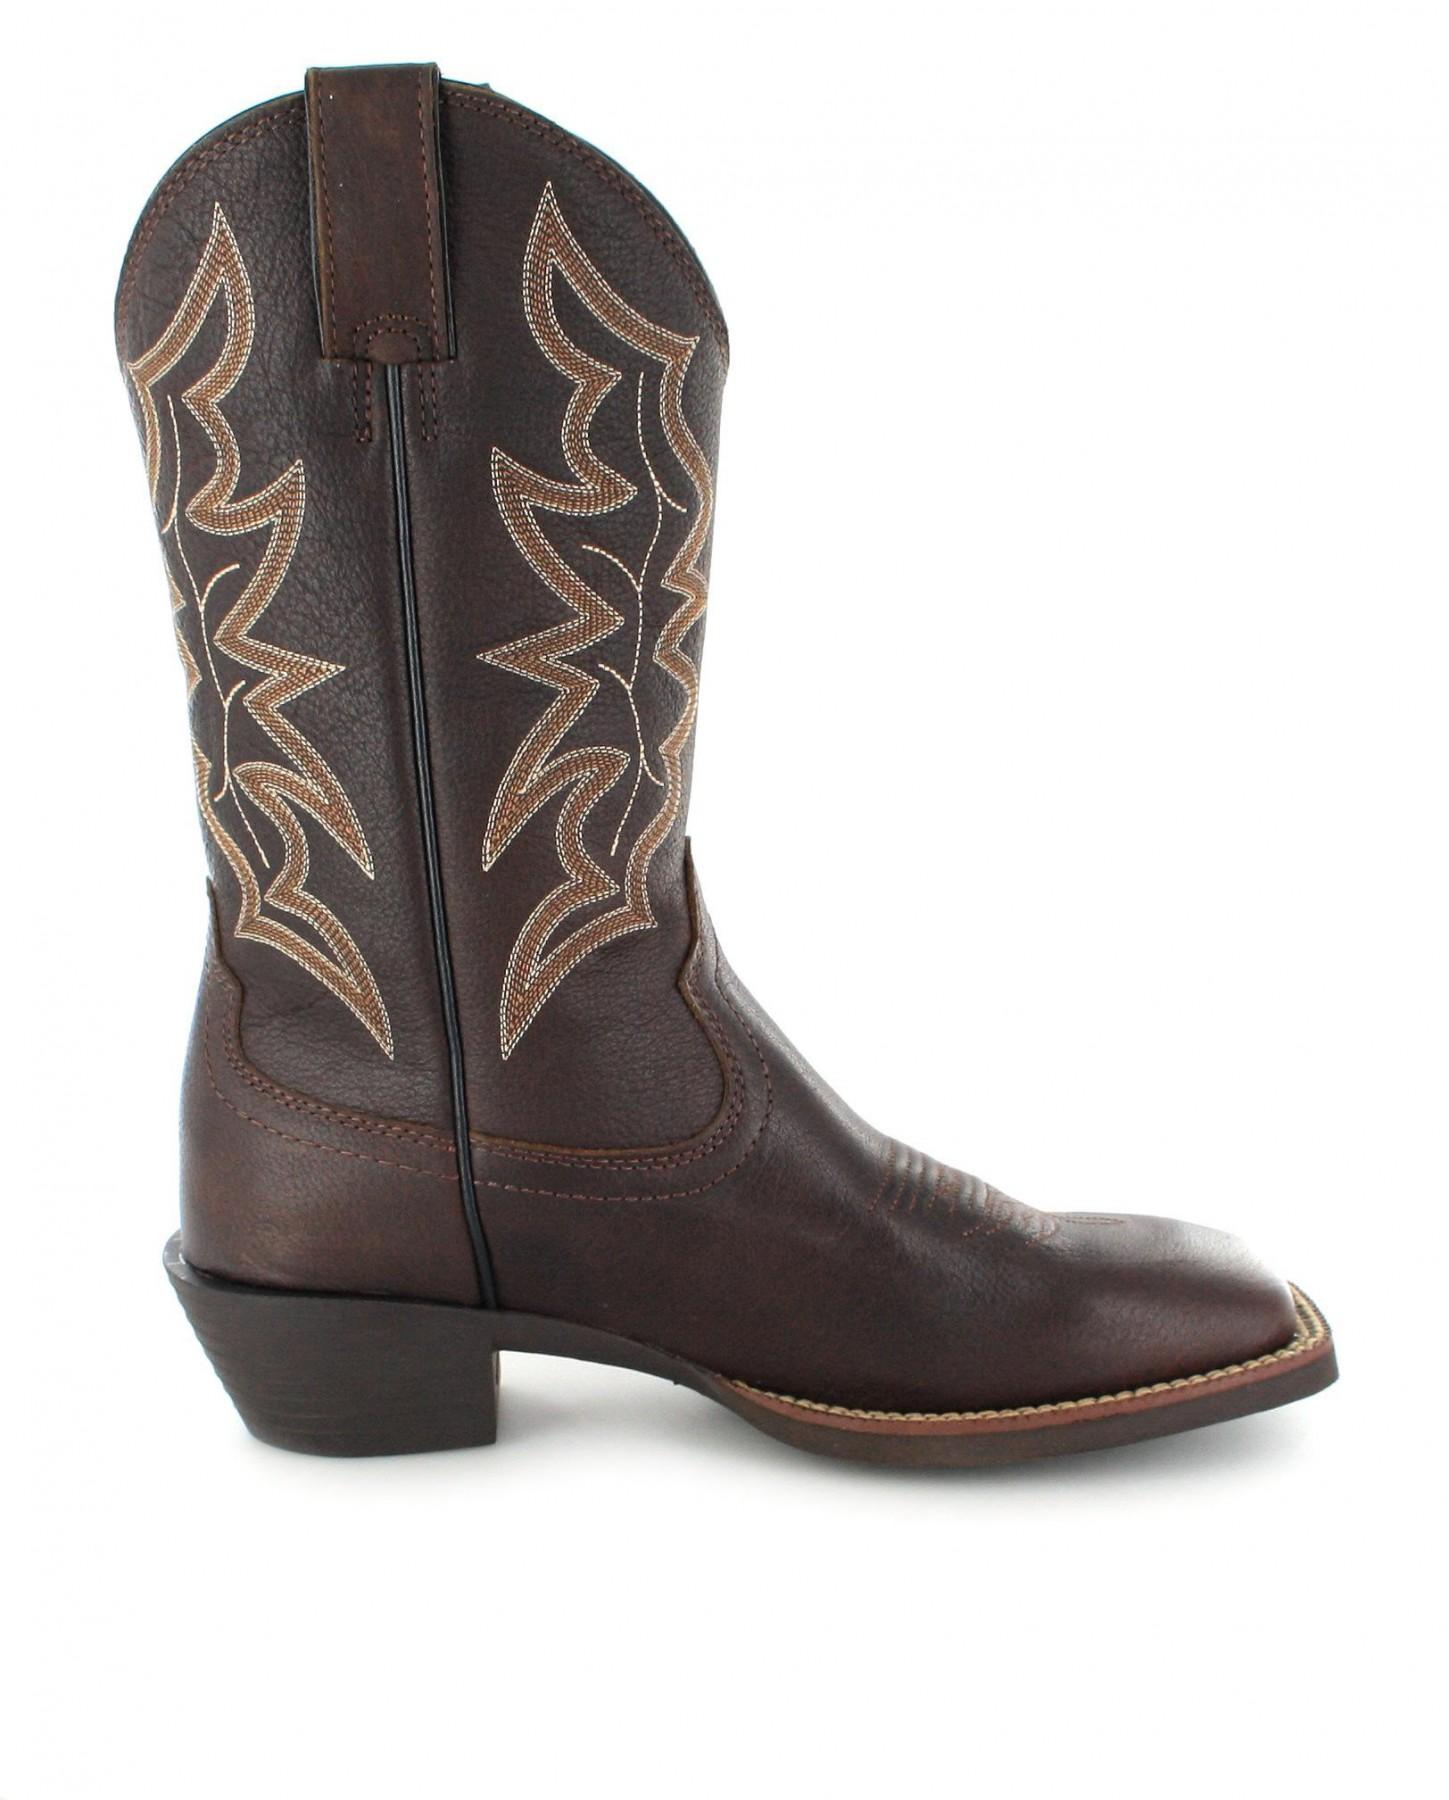 justin boots 2568 herren westernreitstiefel braun fashion boots. Black Bedroom Furniture Sets. Home Design Ideas